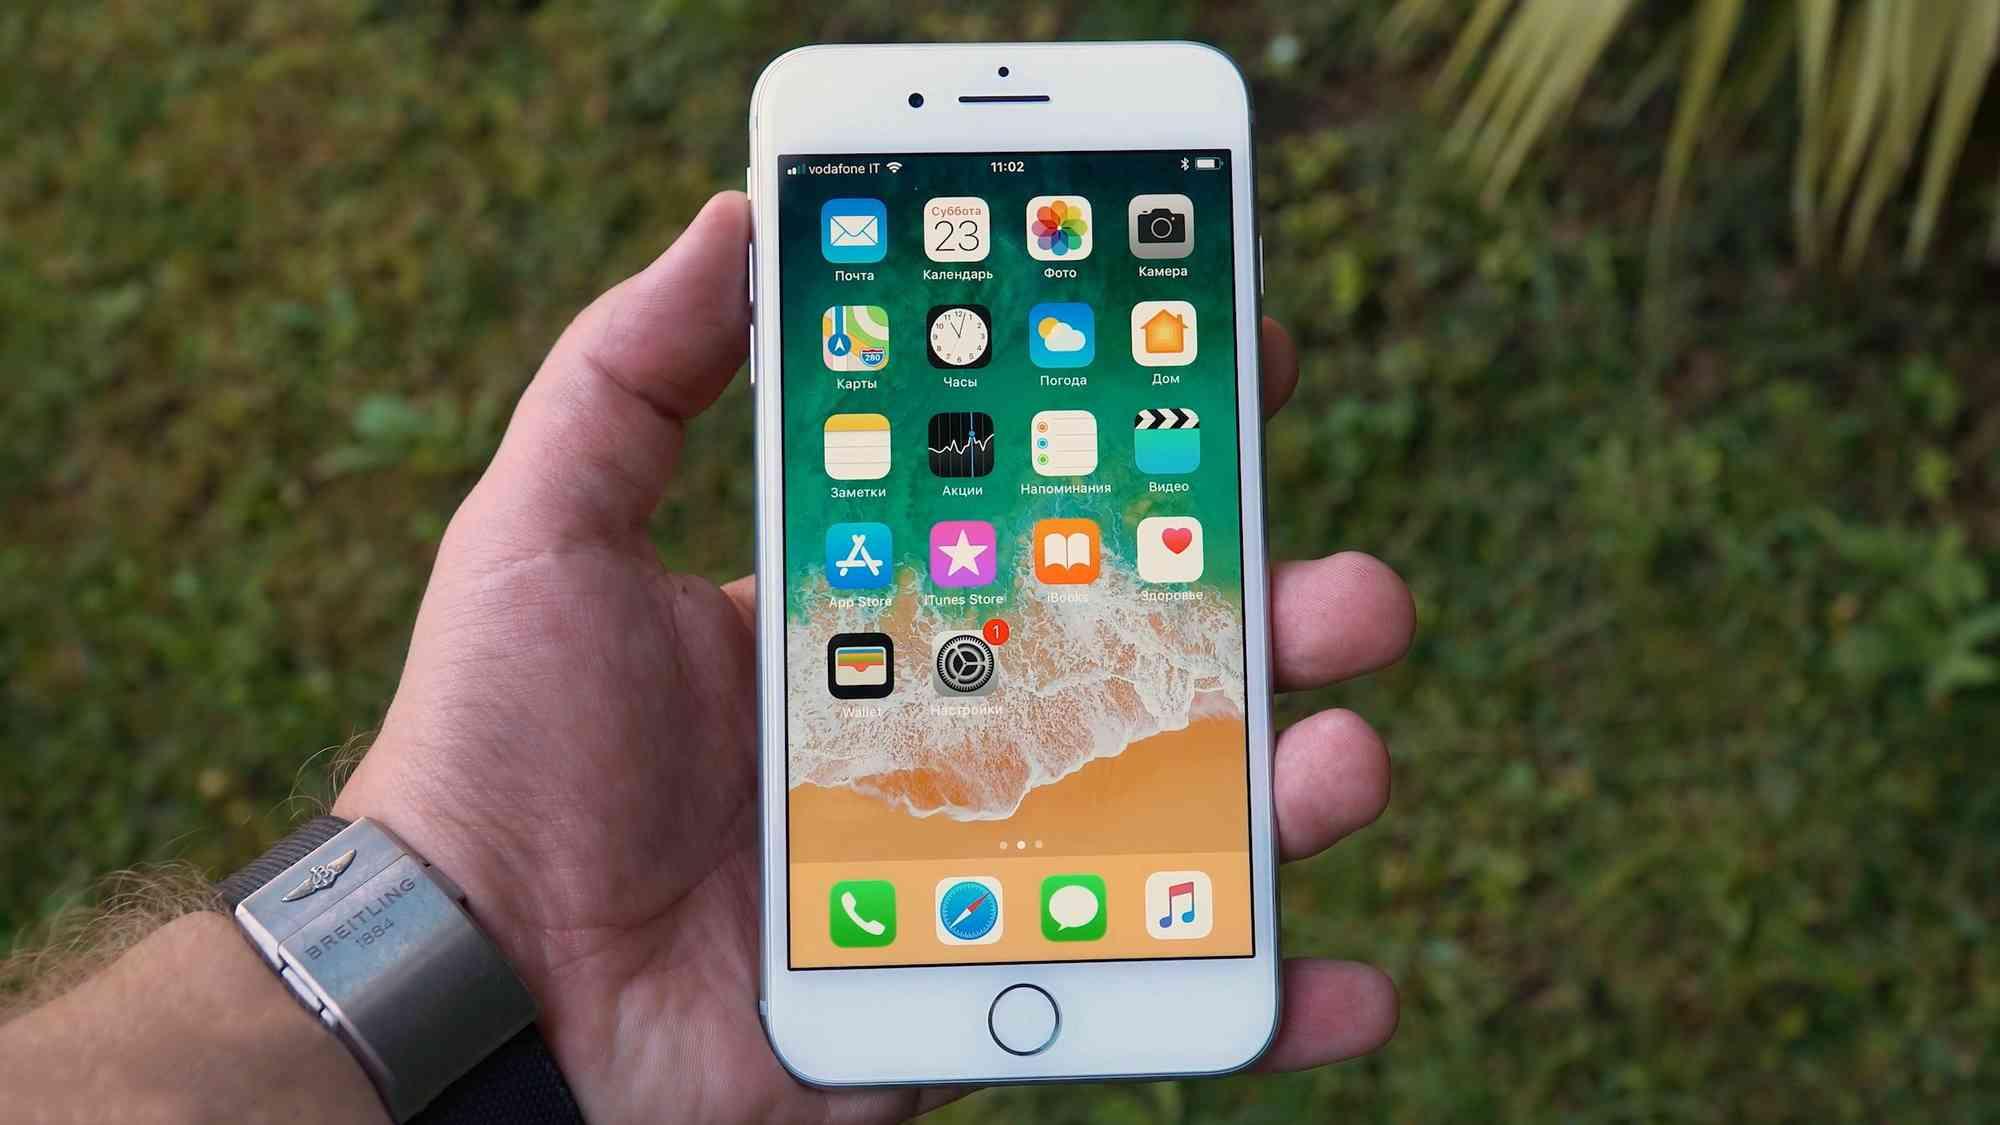 Первый, быстрый обзор iPhone 8 Plus с реальными фото Apple  - iphone8plus_obzor_03-1